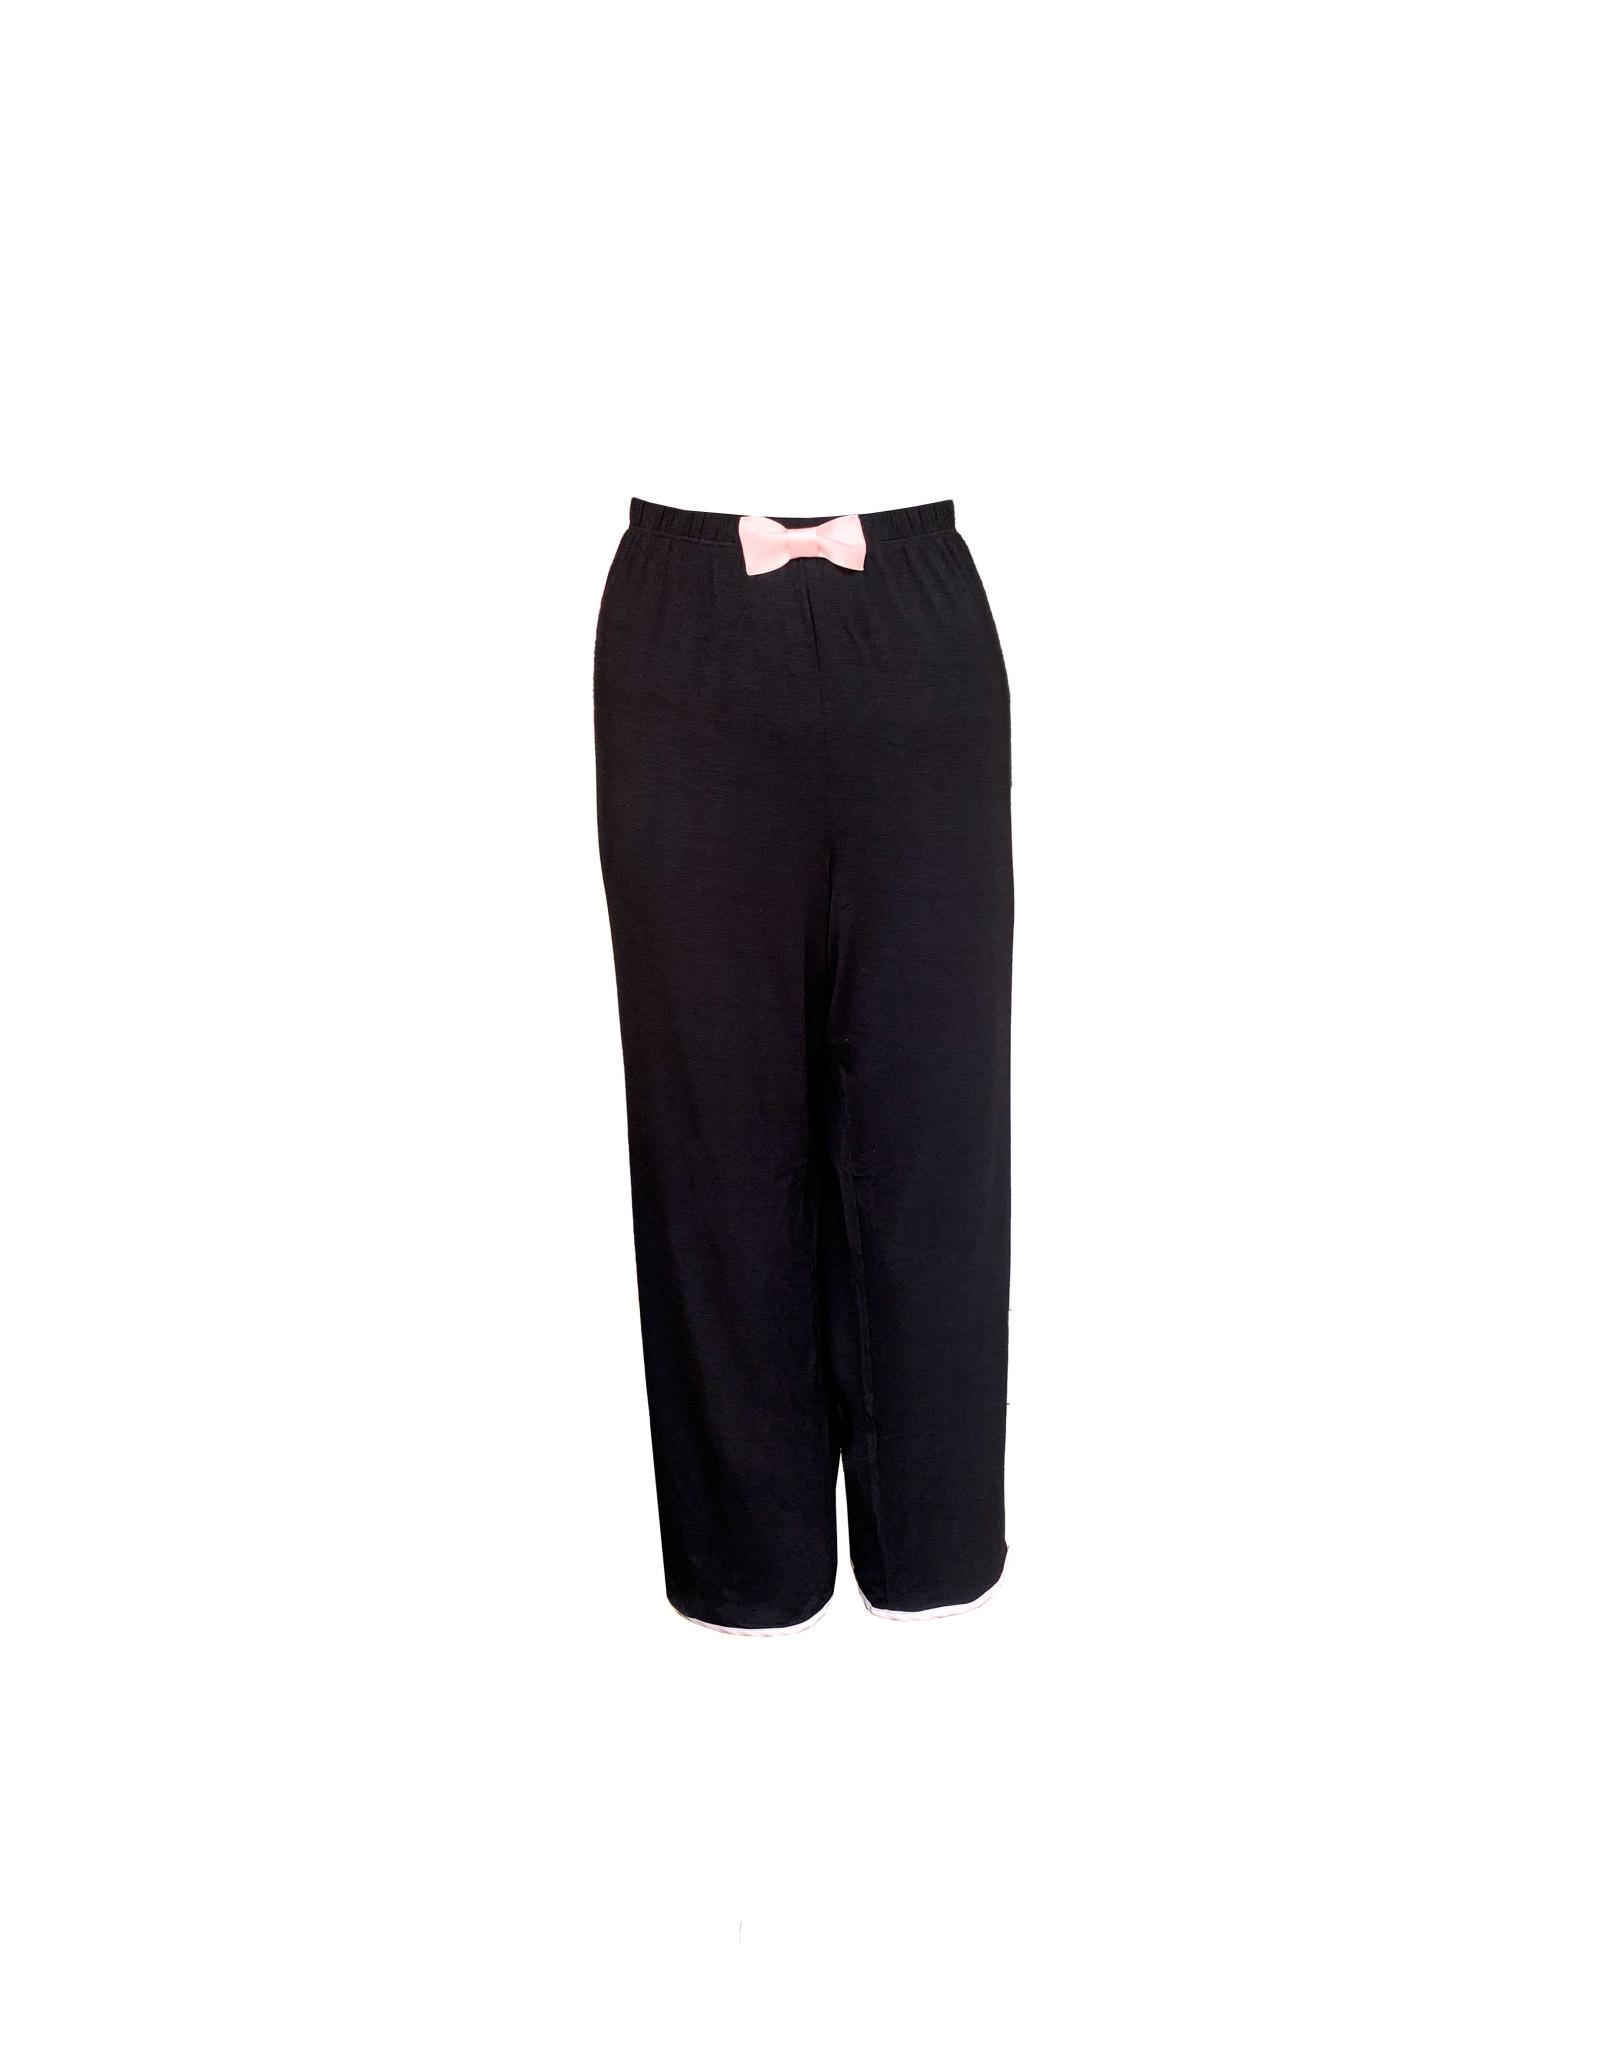 Kate Spade Pants Pyjamas size XL